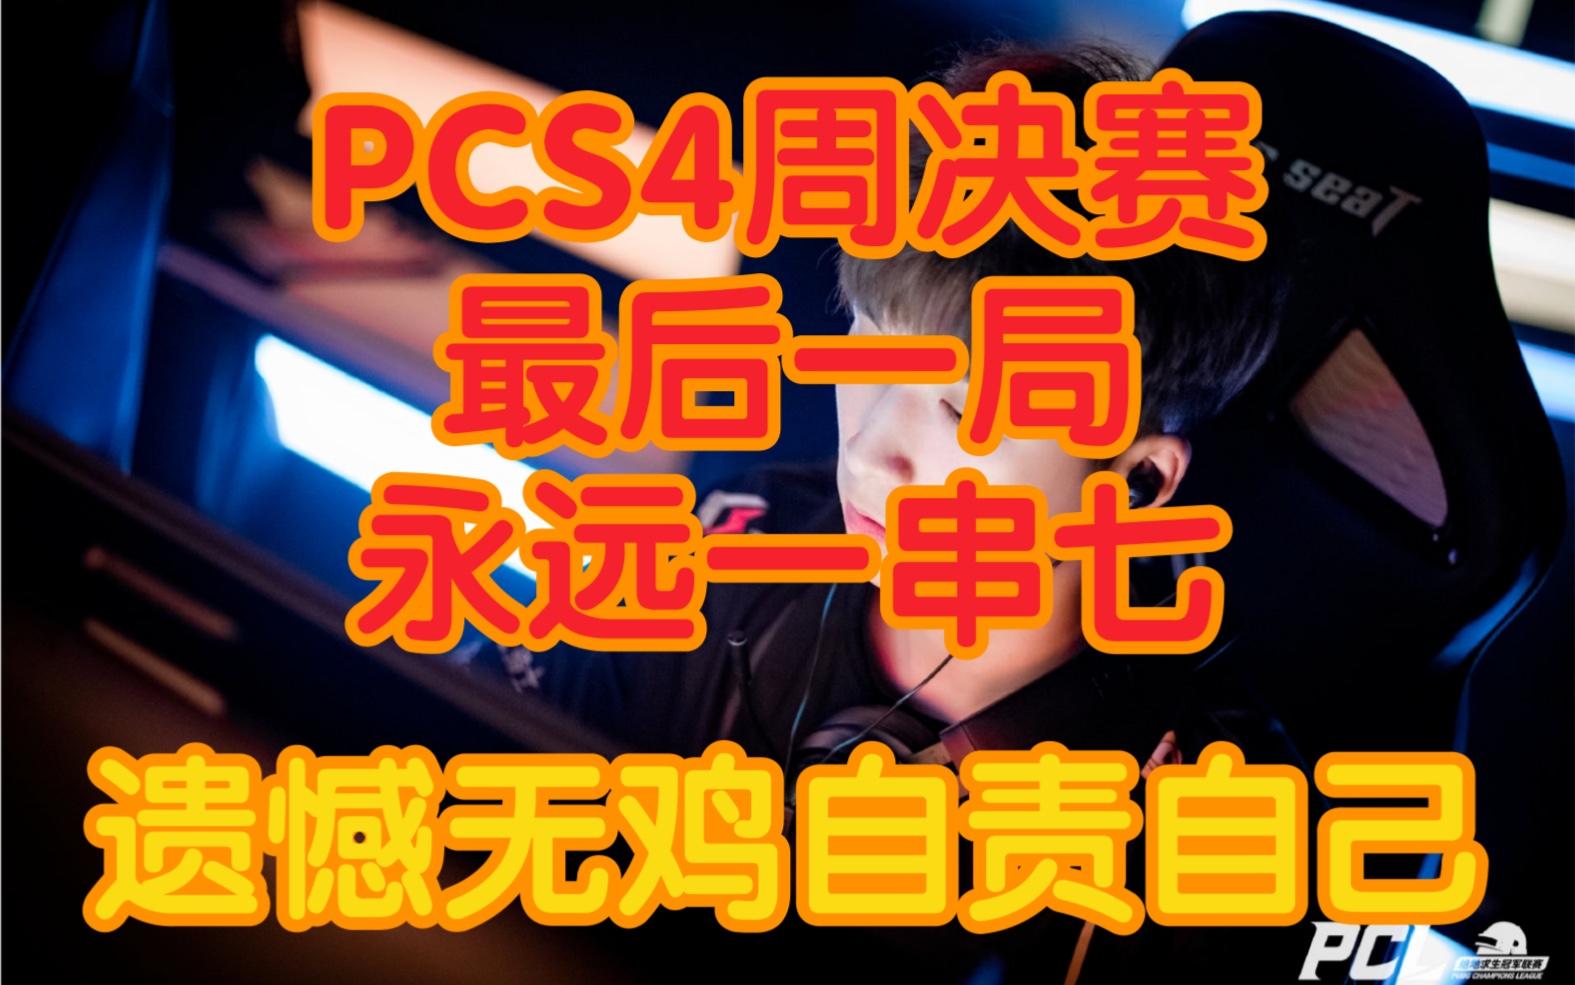 PCS4各大主播观看4AM永远决赛圈一串七